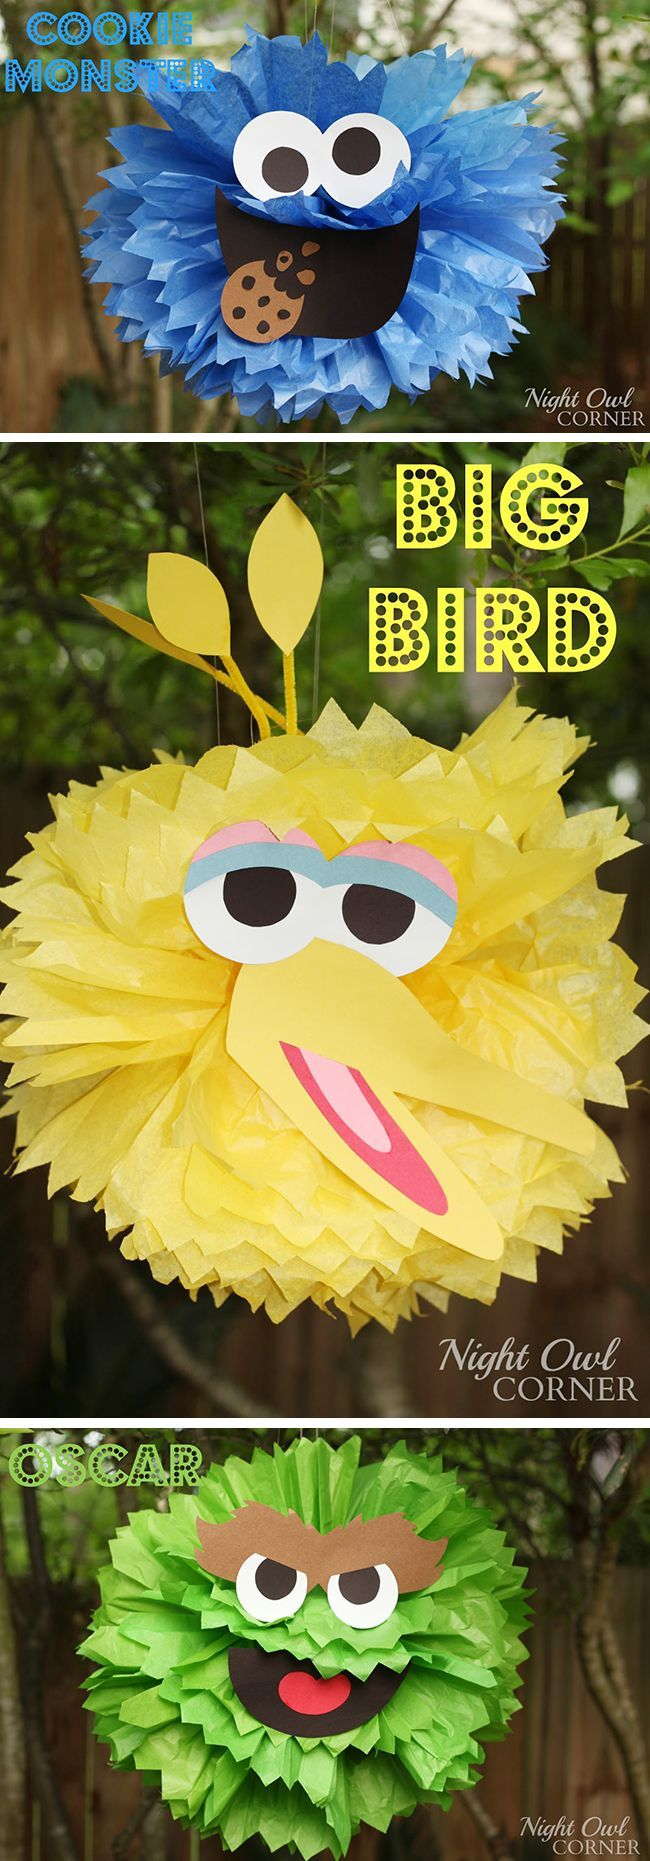 Homemade Sesame Street character poms - so cute!